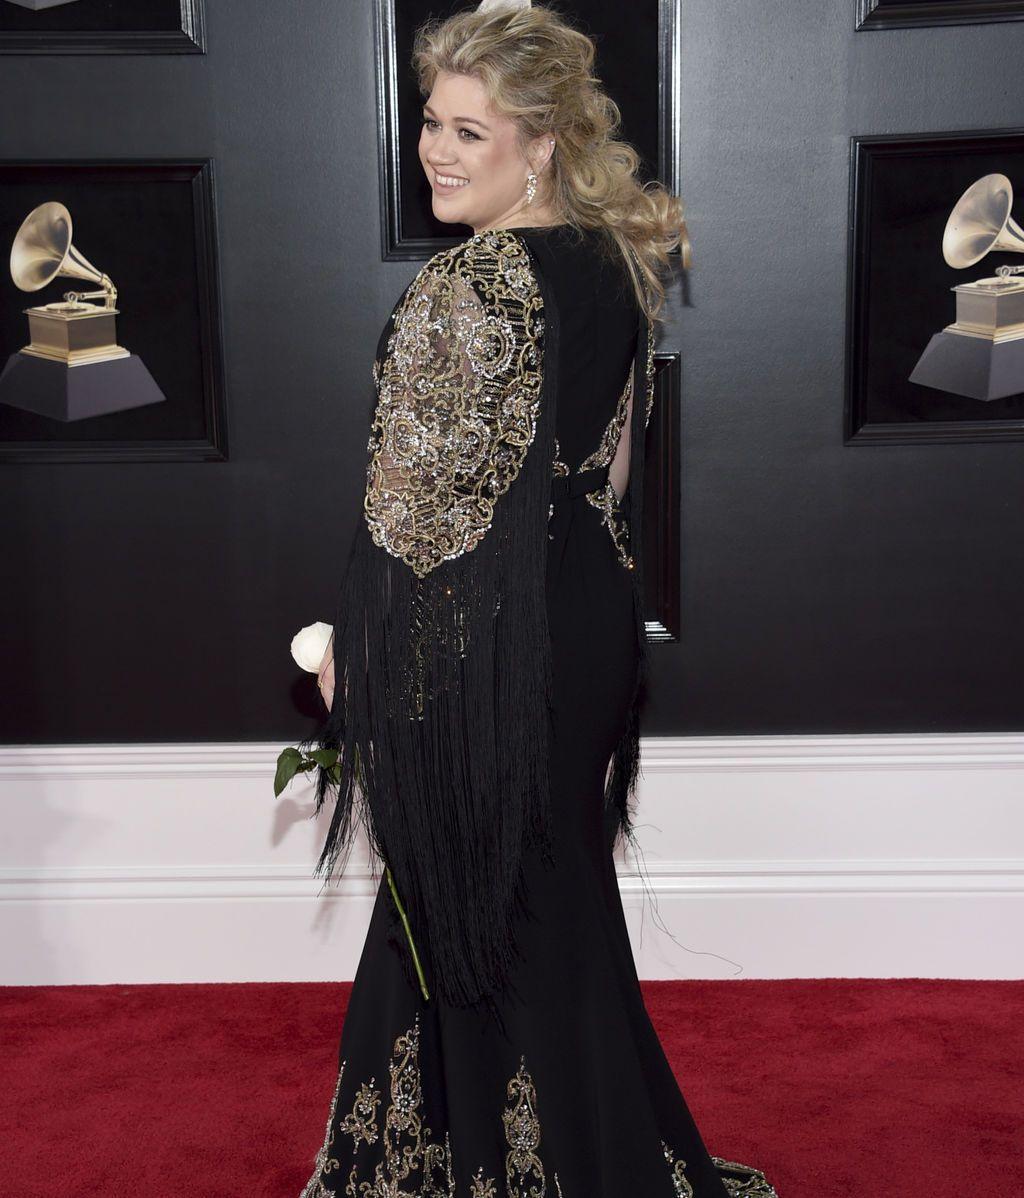 La alfombra roja de los Grammy foto a foto